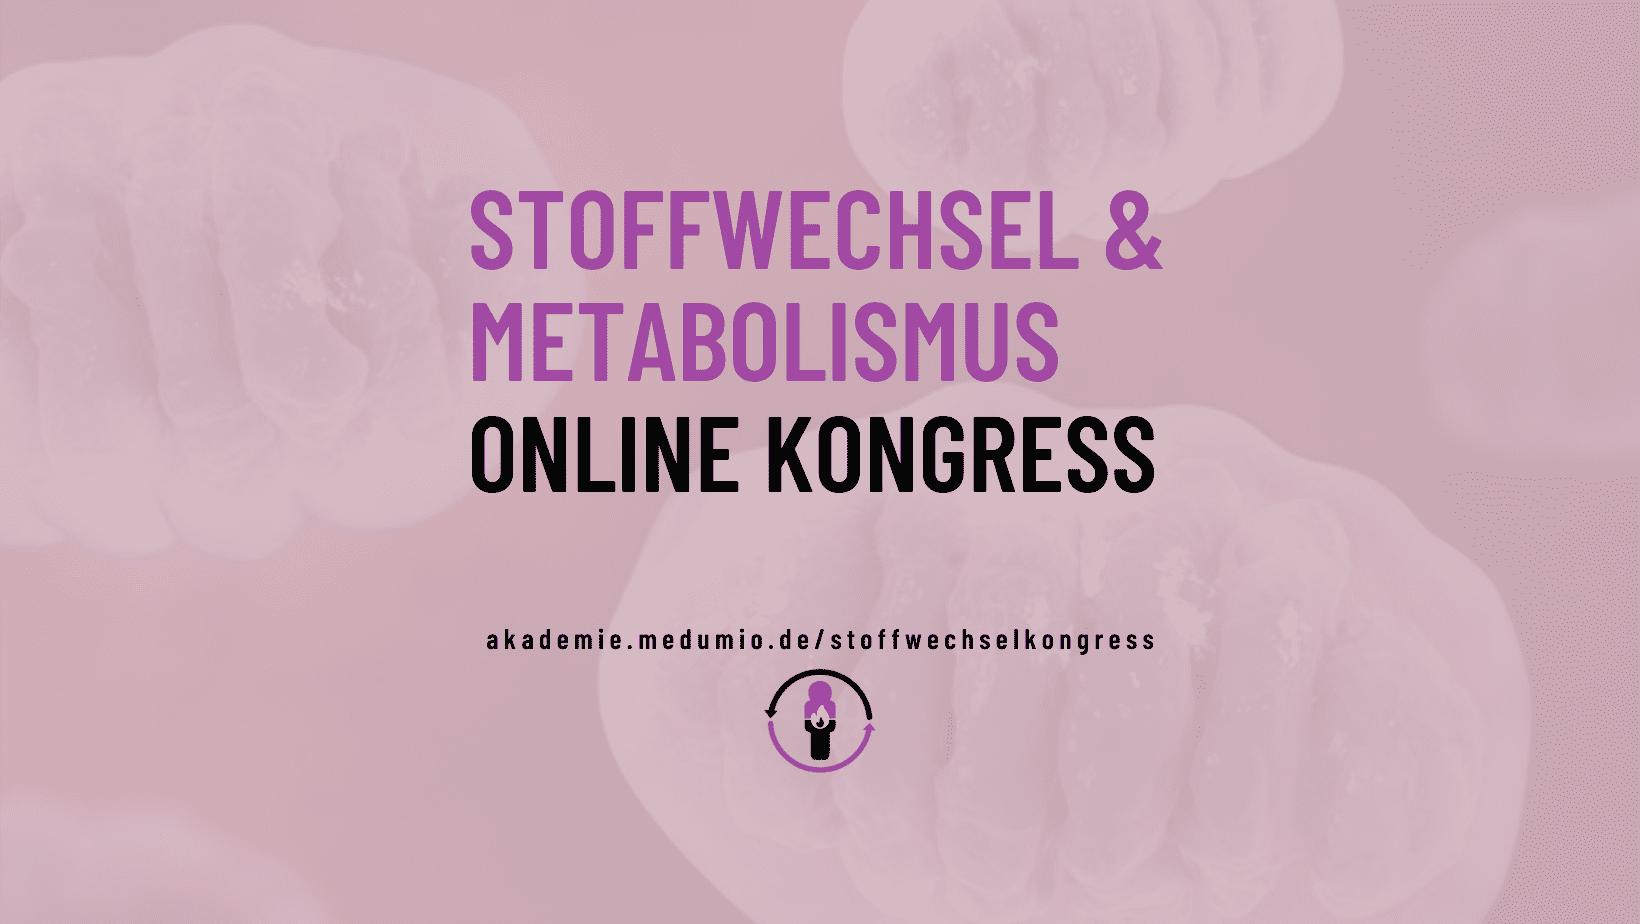 Stoffwechsel und Metabolismus Kongress | Medumio